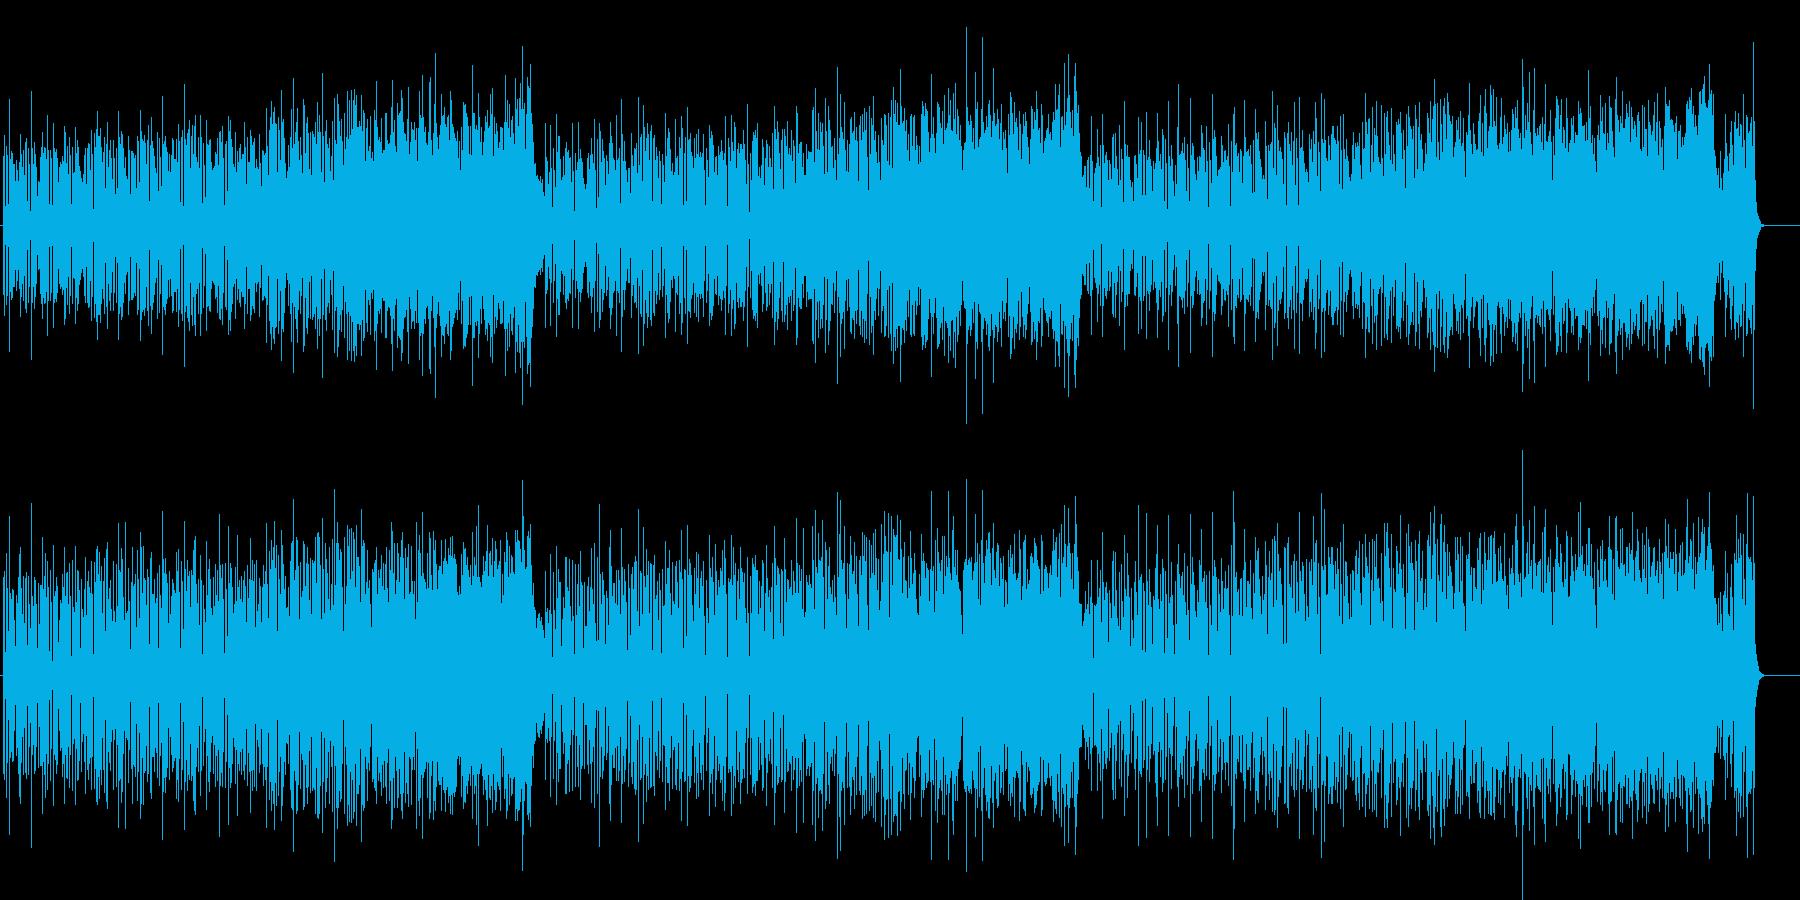 タイトにときめくカリビアン・パラダイスの再生済みの波形